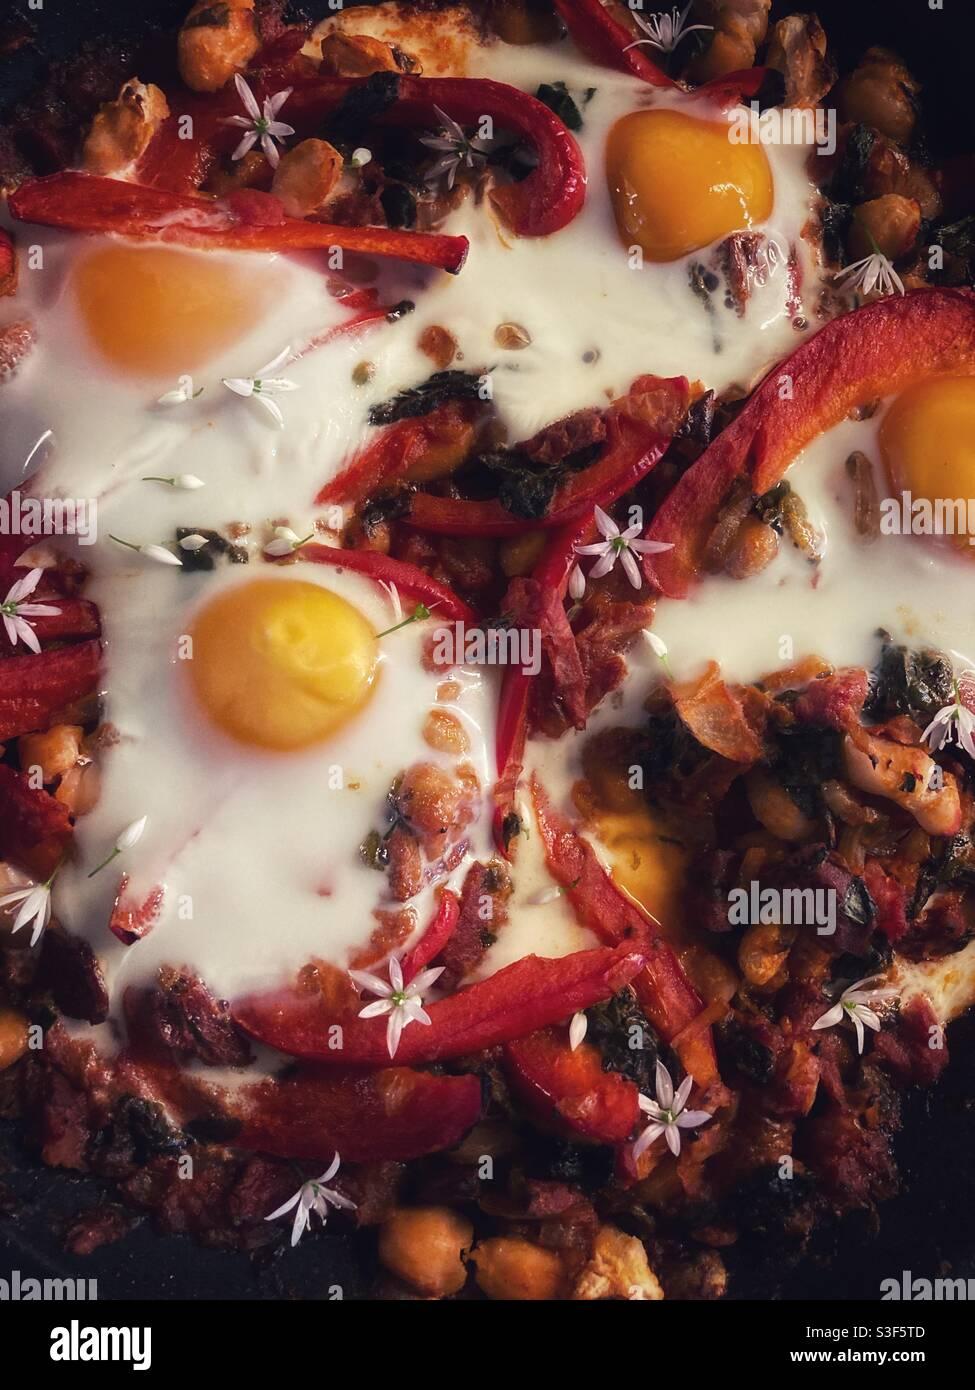 Nahaufnahme Foto von Zigeunereiern Gericht / Teller von Essen mit Tomatensauce mit Bohnen und roten Paprika in Scheiben geschnitten Garniert mit gebackenen Eiern und wilden Knoblauchblüten Stockfoto